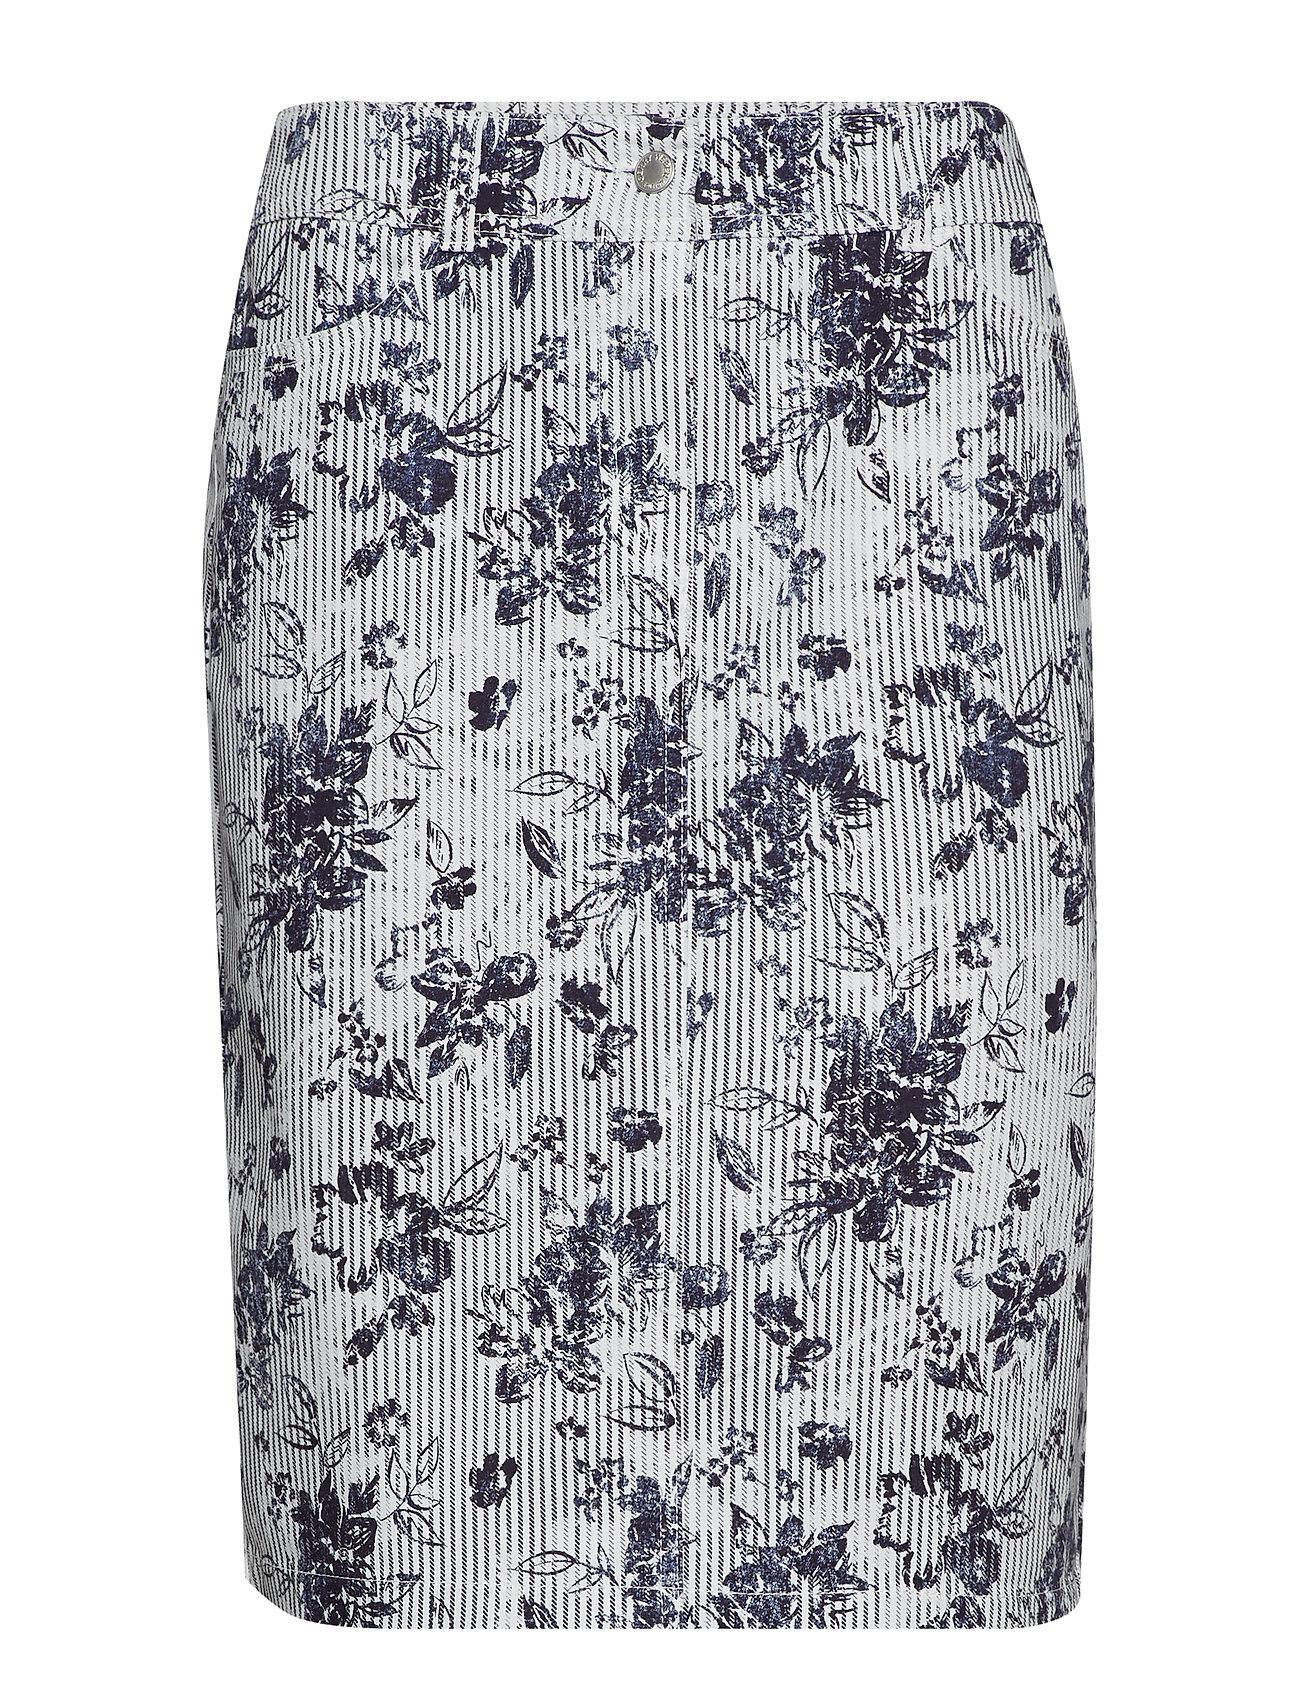 whiteGerry Woven Weber Fablue Edition Short Skirt mN8vnw0